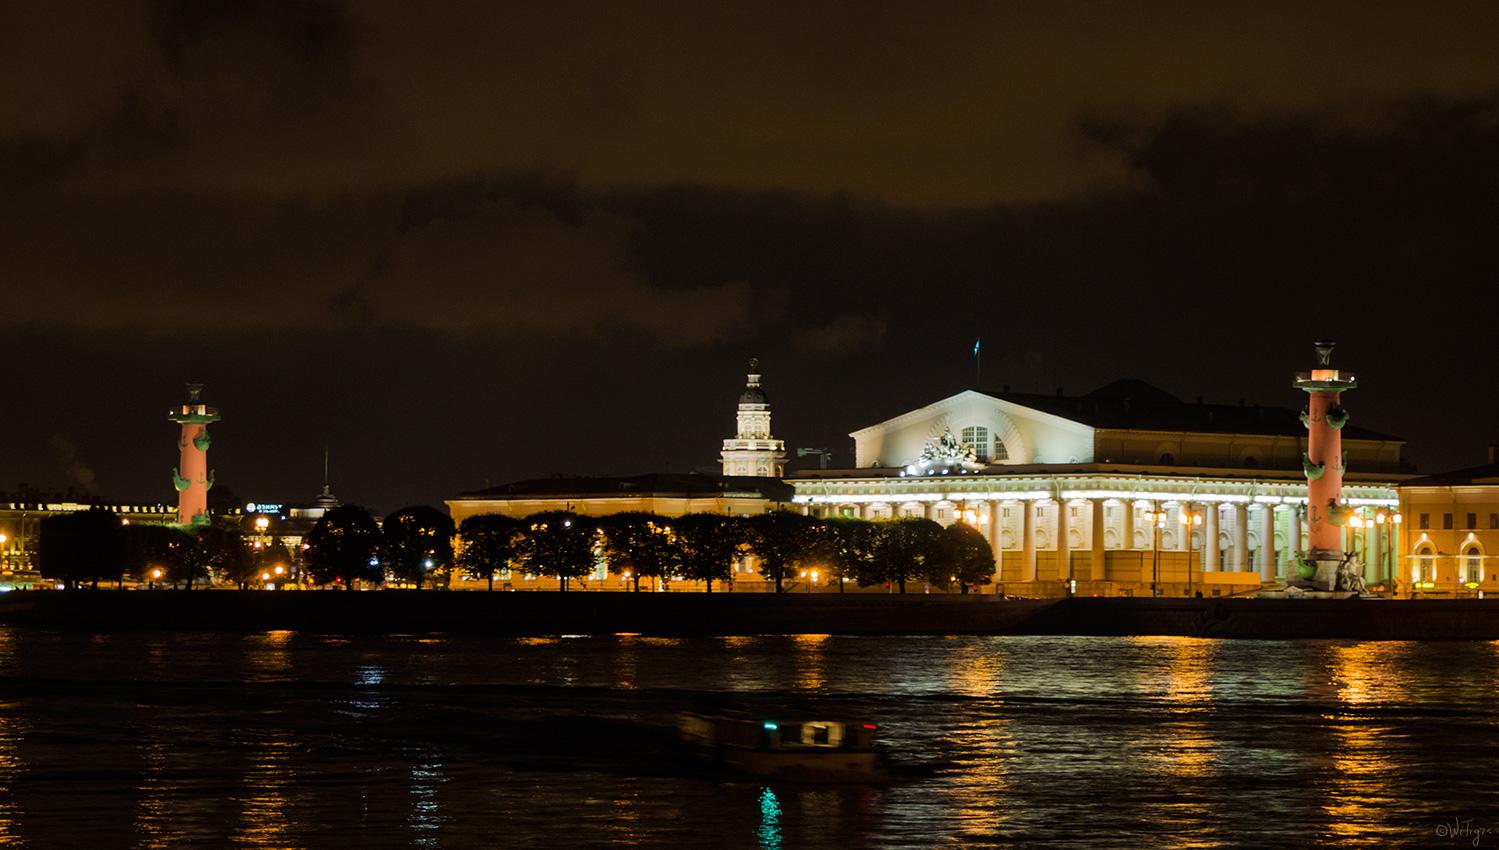 """фото """"***"""" метки: архитектура, пейзаж, город, вода, здание, ночь, облака, отражения, река"""